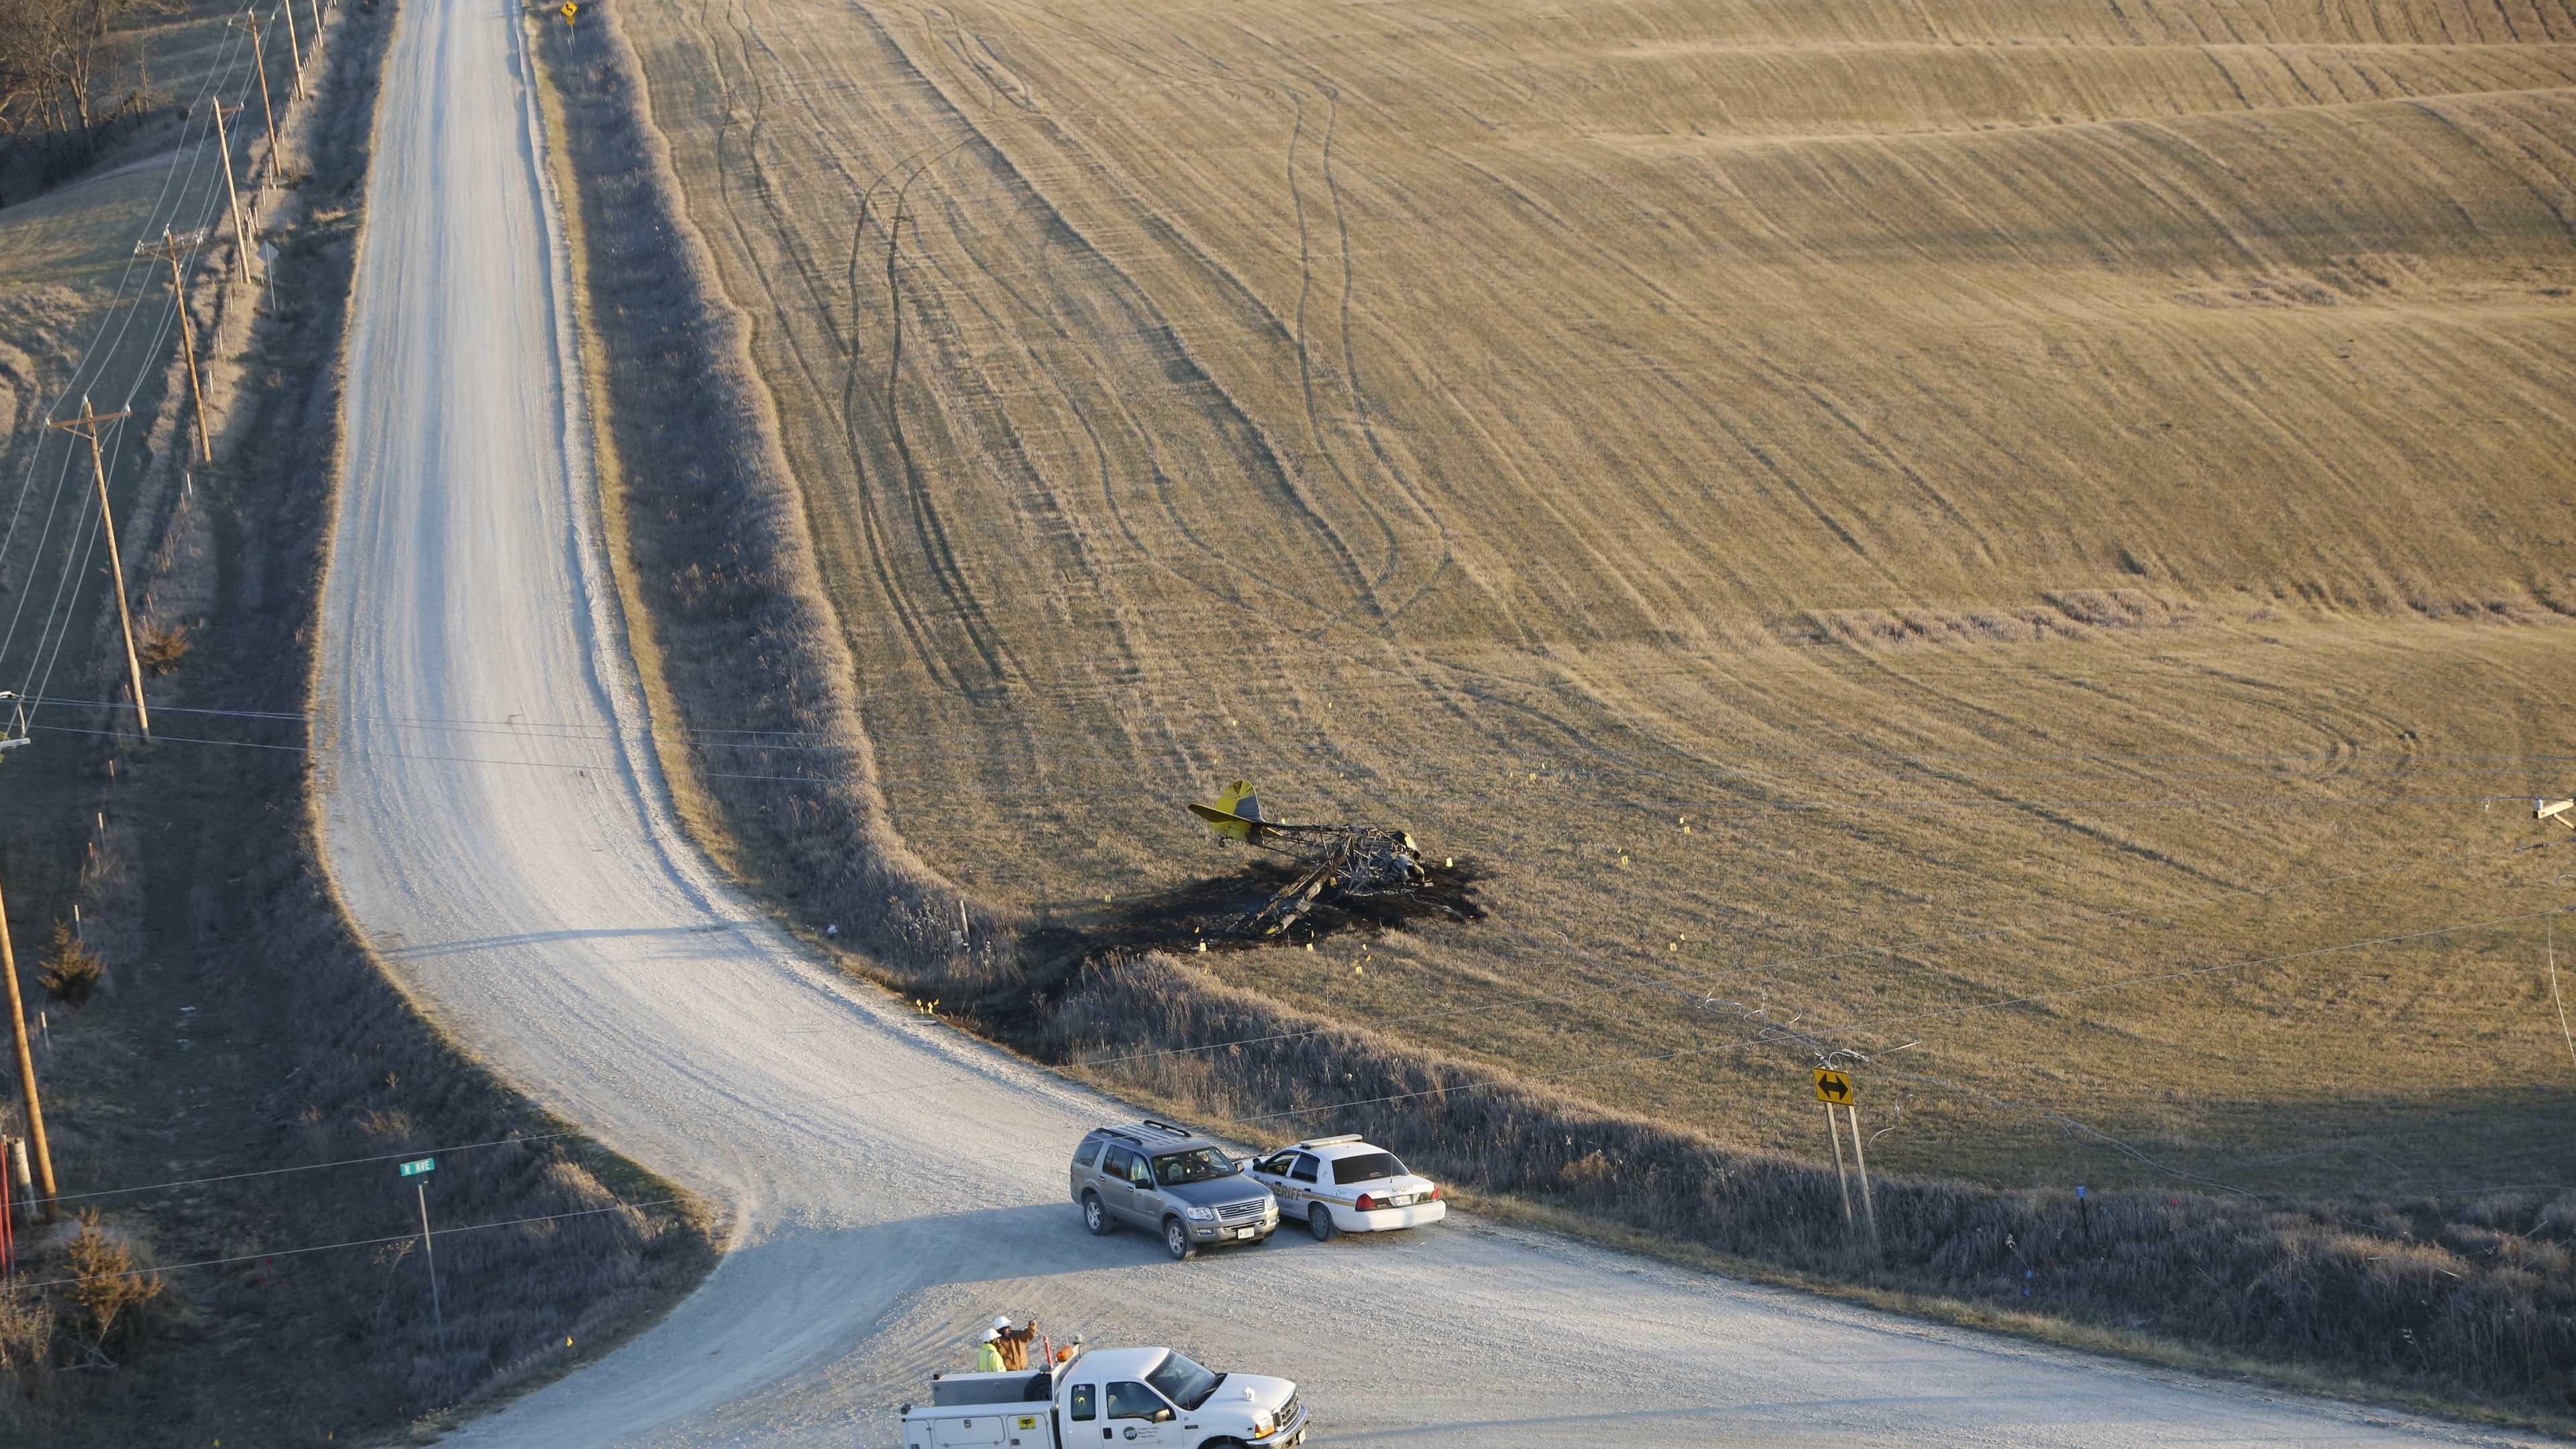 Plane crash new Clutier, Iowa